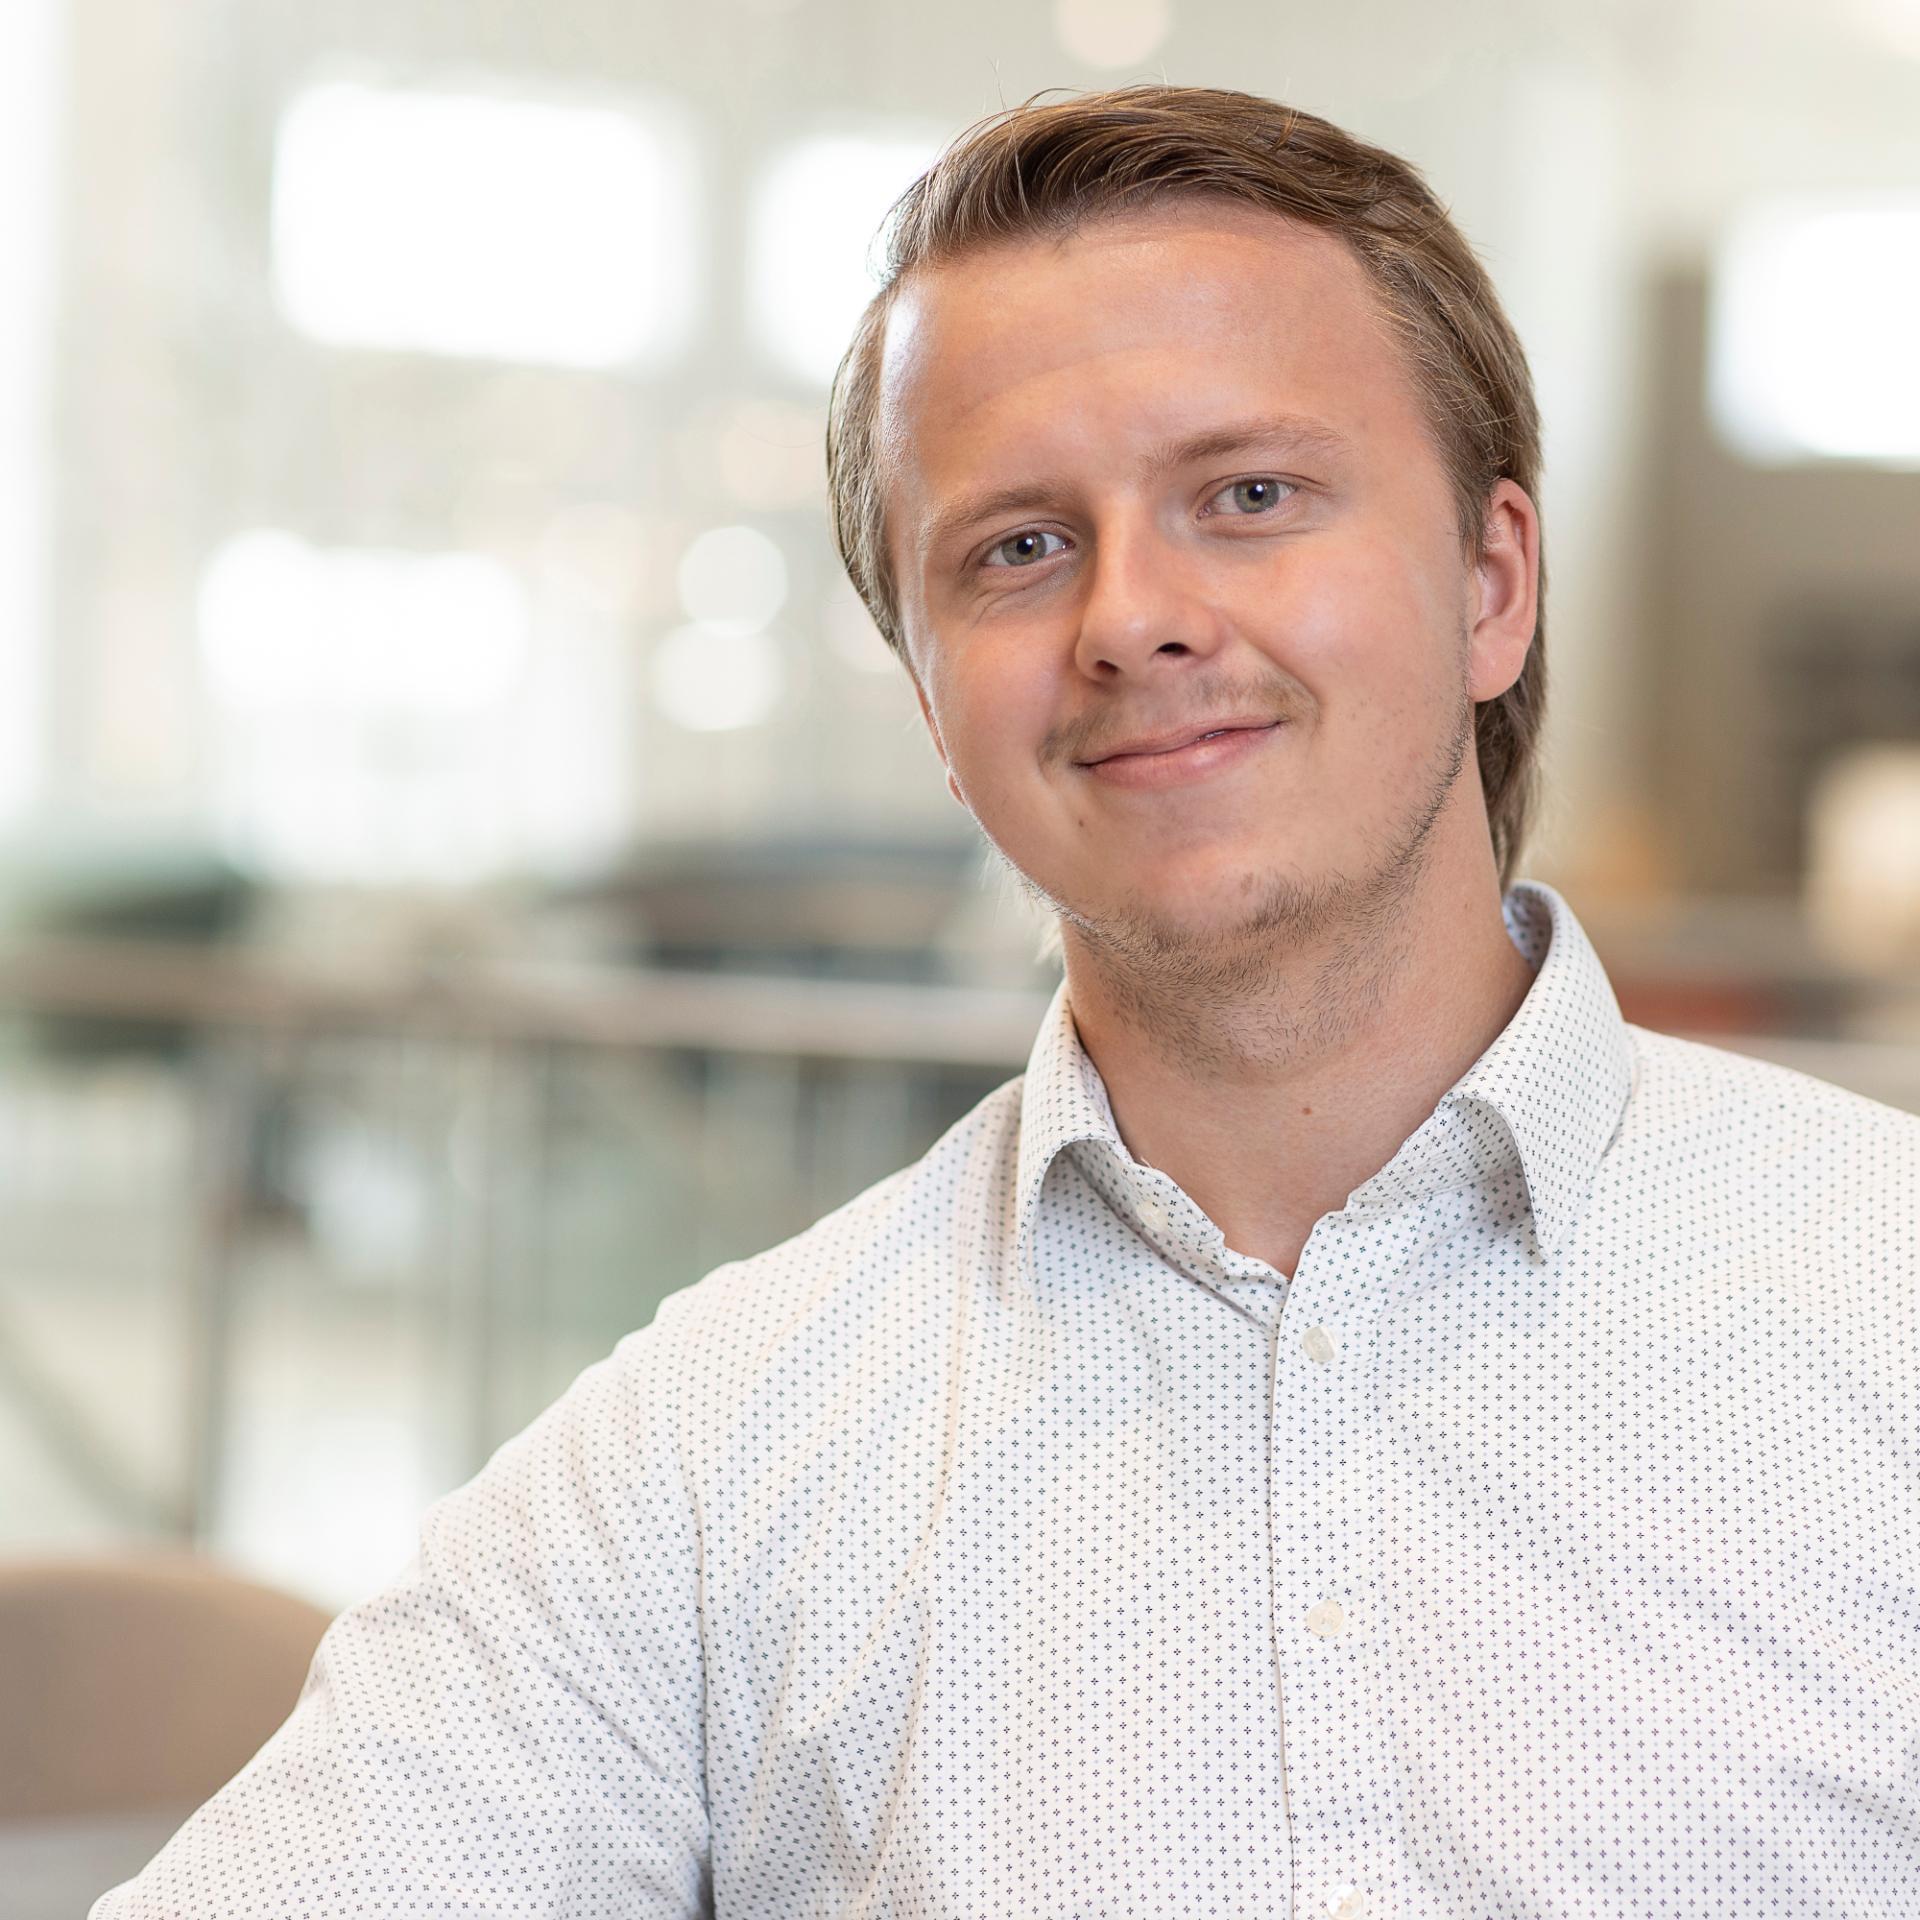 Medarbejder Jens Holm